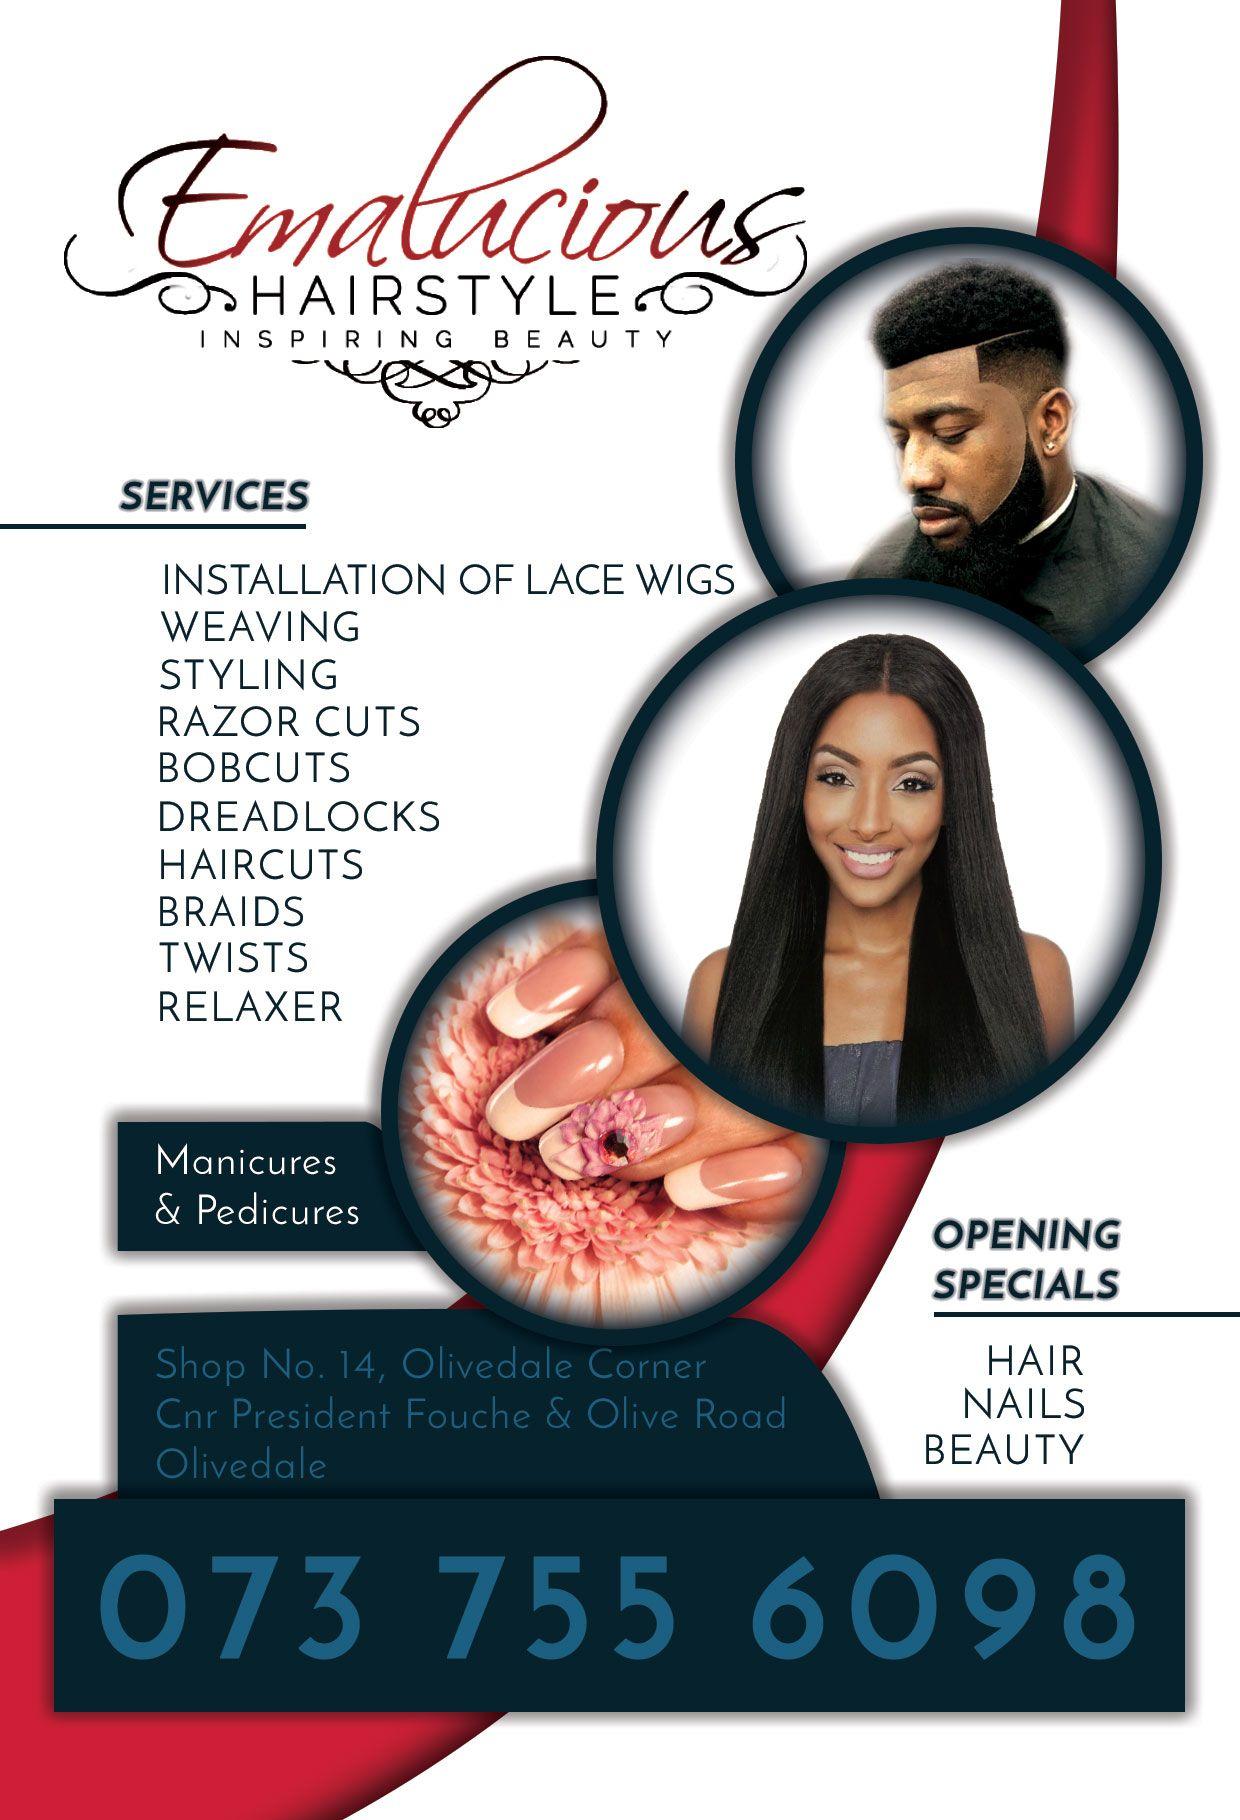 Flyer Design Of An African Hair And Beauty Salon Designed By Artexplain Haircut Beauty Salon Lacewigs Hair And Beauty Salon African Hairstyles Hair Beauty